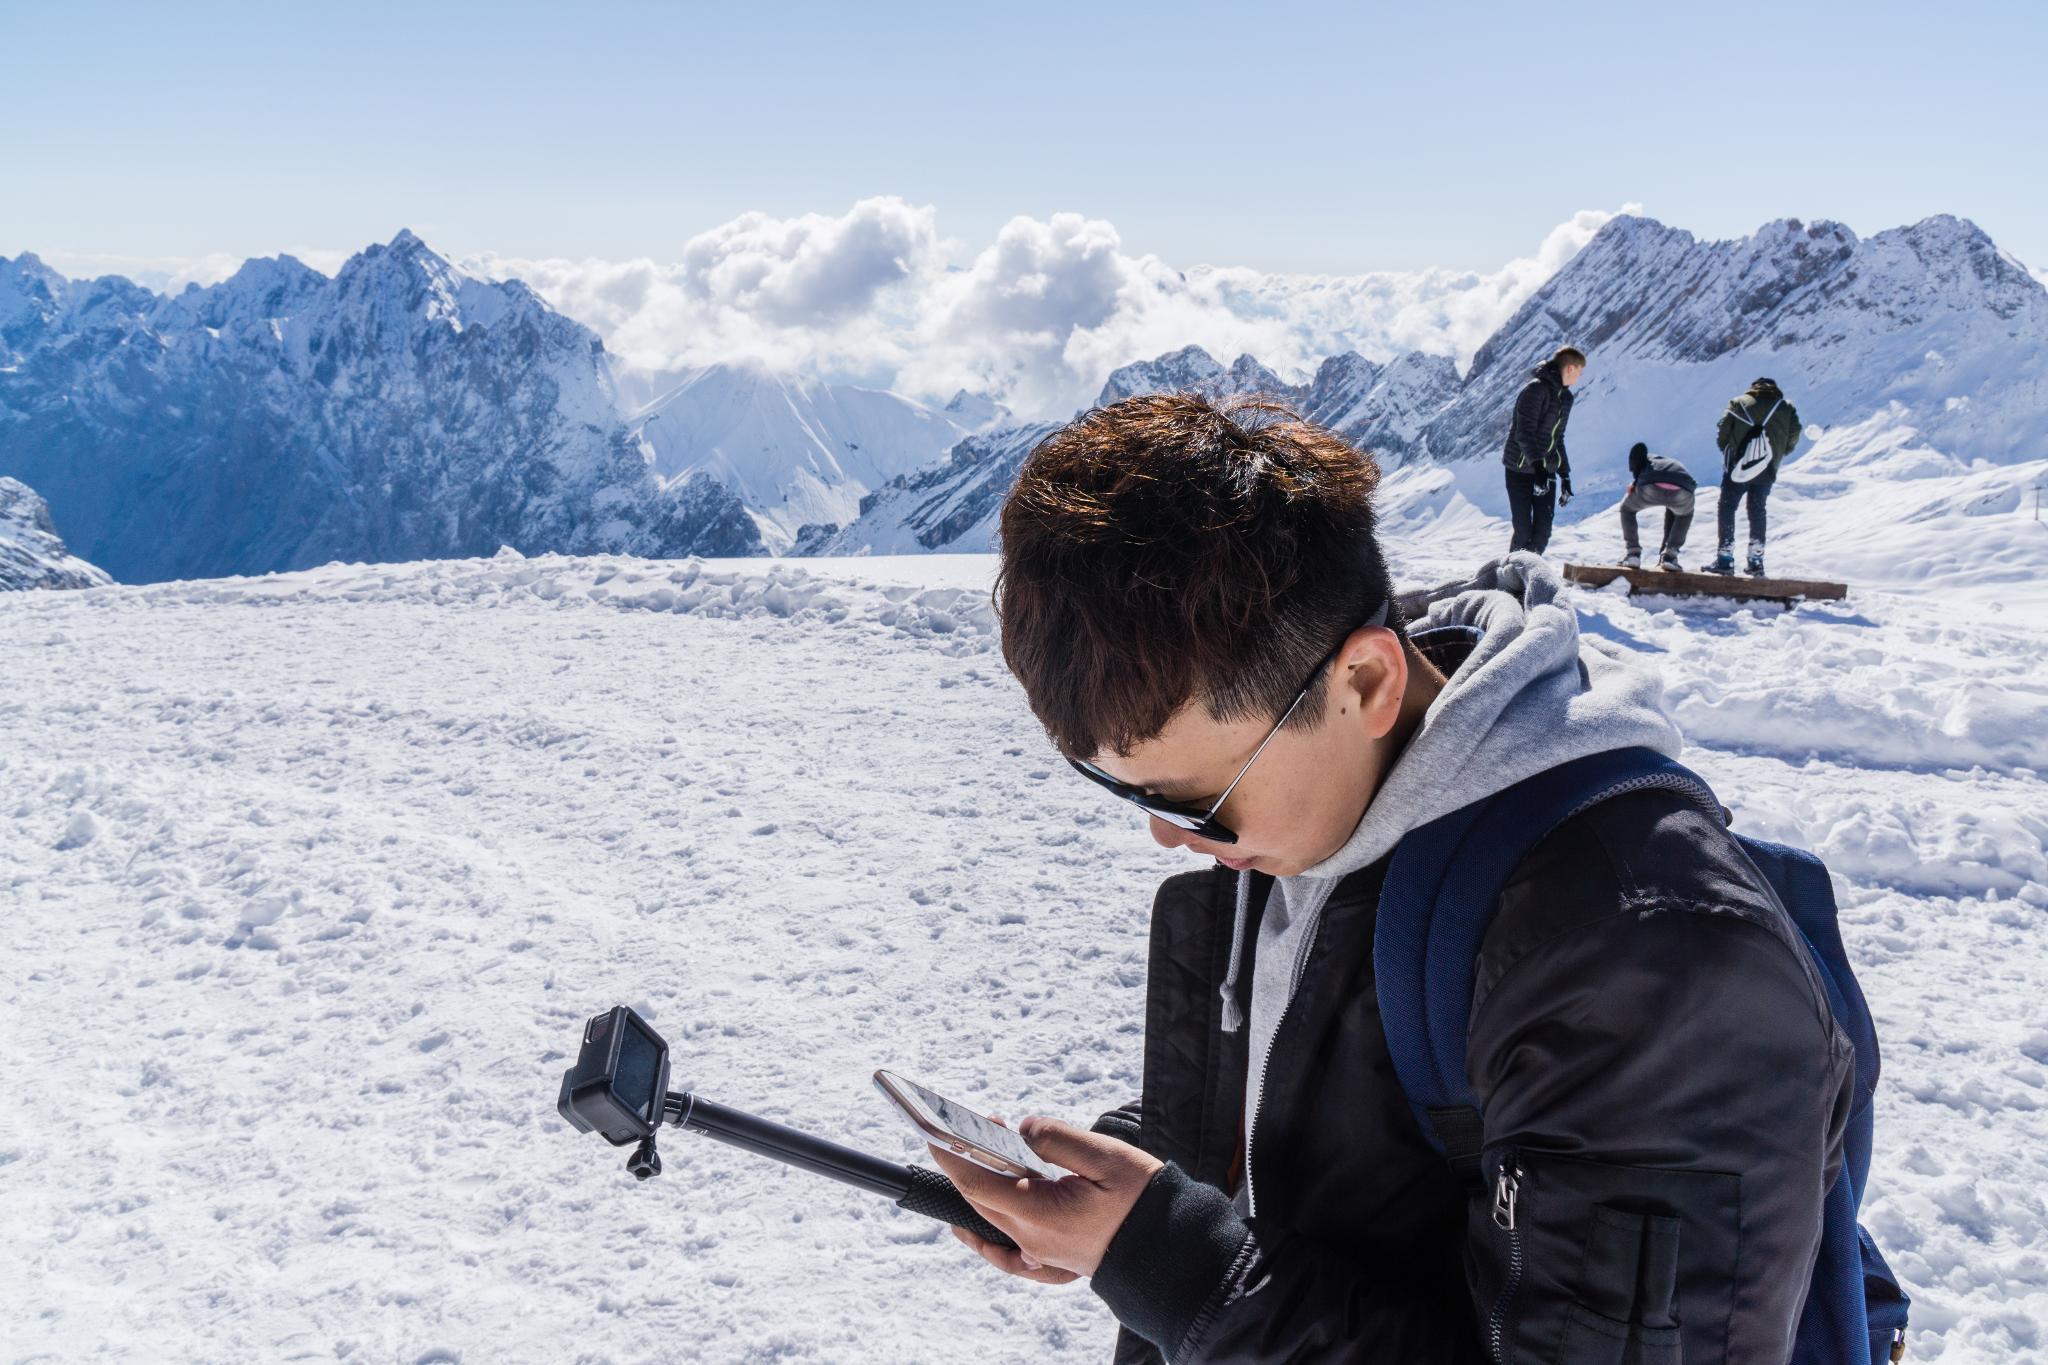 【德國】阿爾卑斯大道:楚格峰 (Zugspitze) 登上德國之巔 29